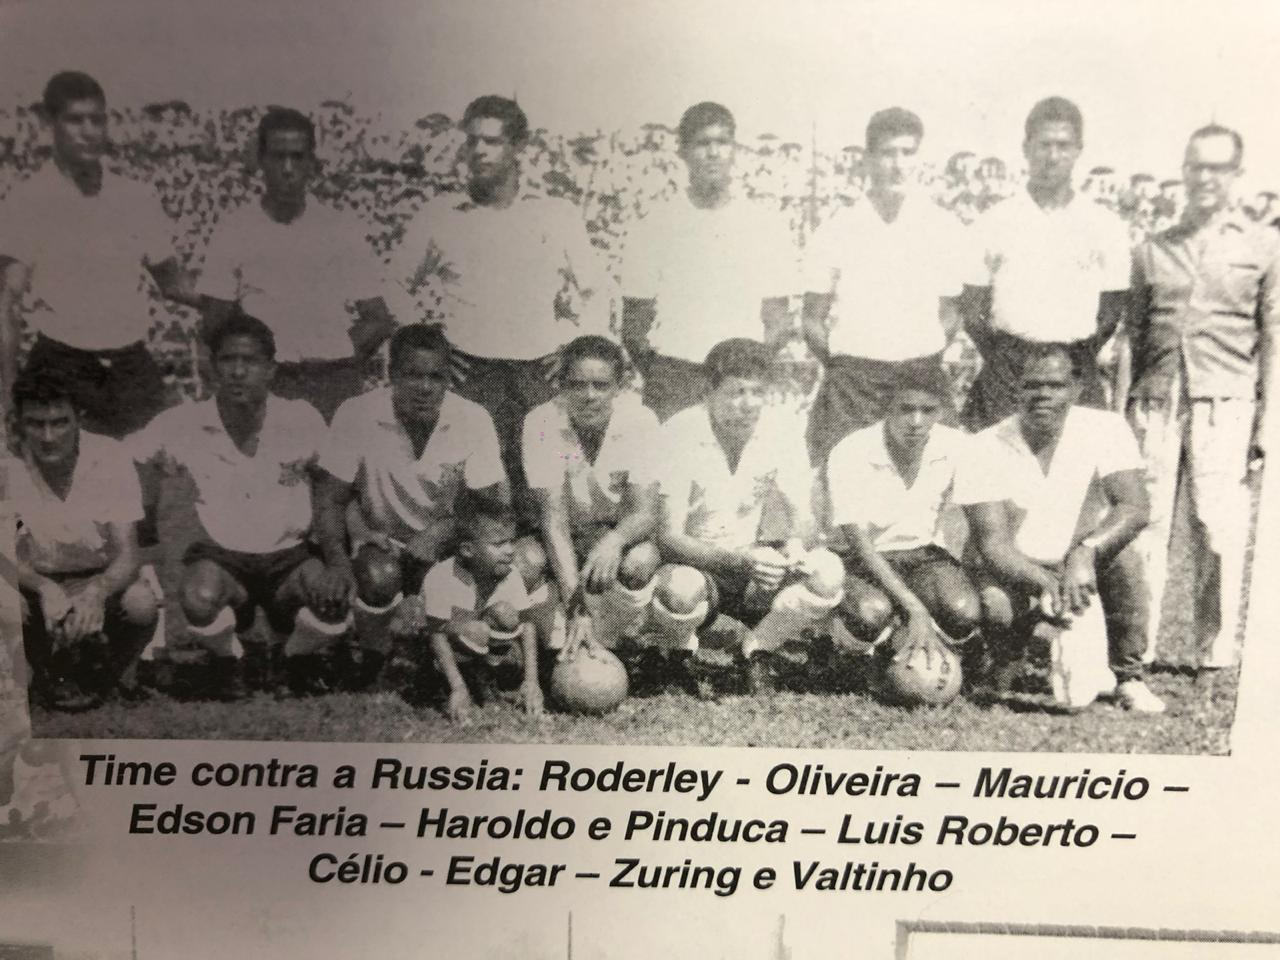 Grêmio Esportivo Maringá 3 x 2 União Soviética, 13 de fevereiro de 1966